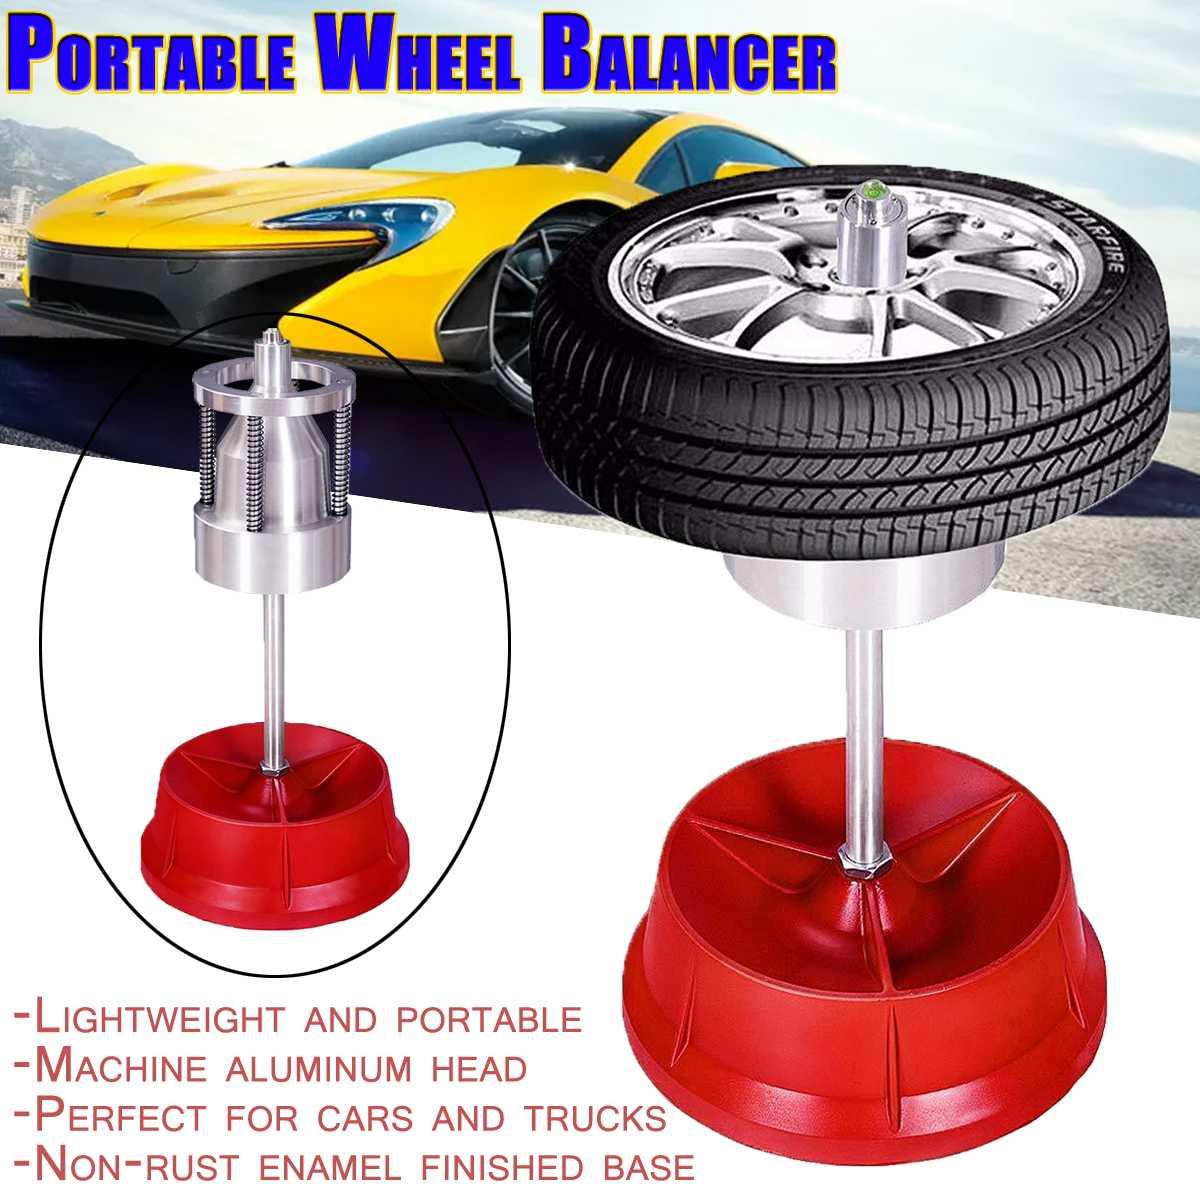 Автомобиль Грузовик Портативный Концентраторы колеса шины балансировки пузырьковый уровень тяжелых обод автомобиля колесо балансировки